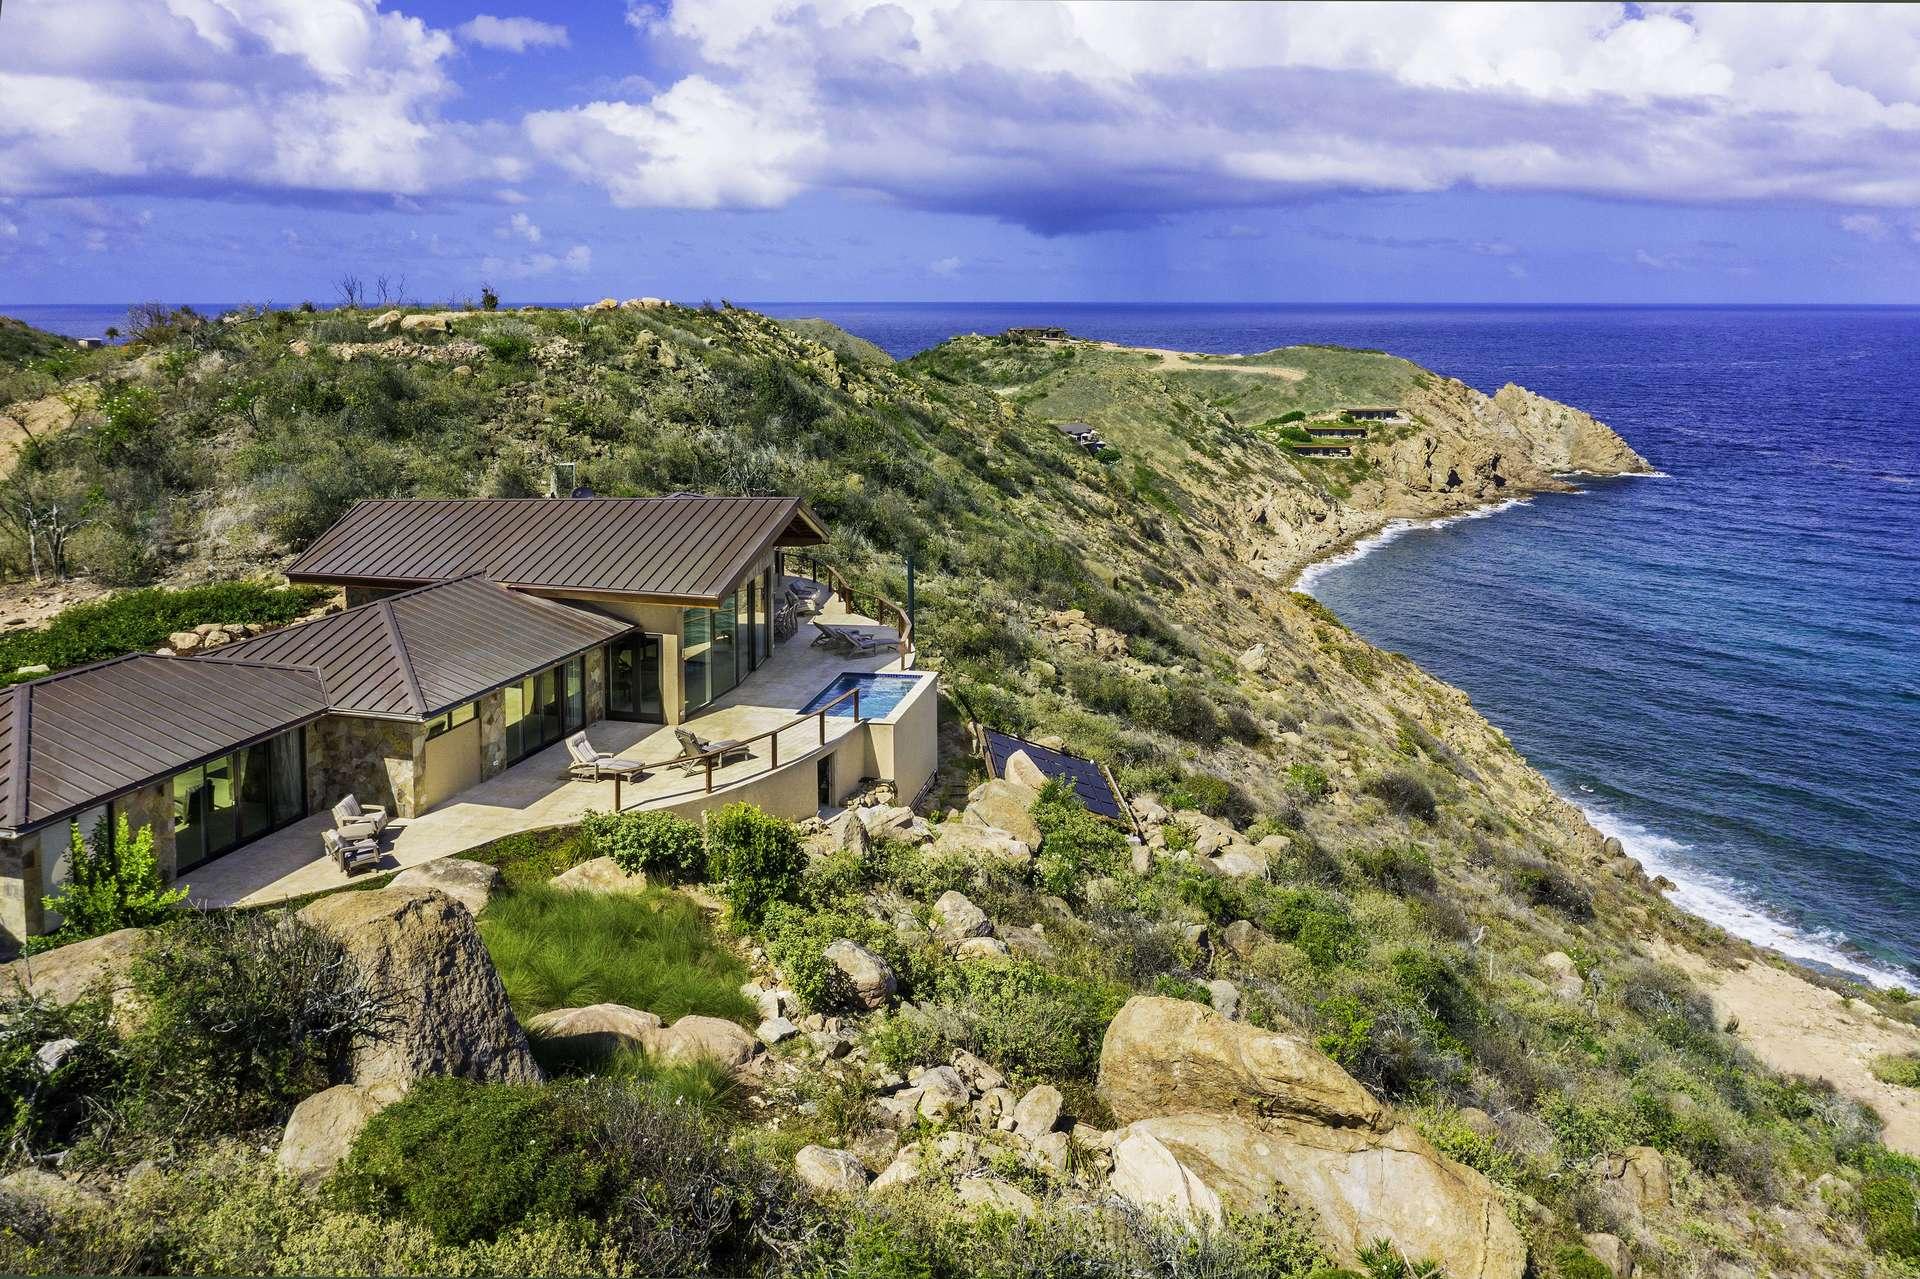 Luxury villa rentals caribbean - British virgin islands - Virgin gorda - Oil nutbay - Villa Agave - Image 1/10